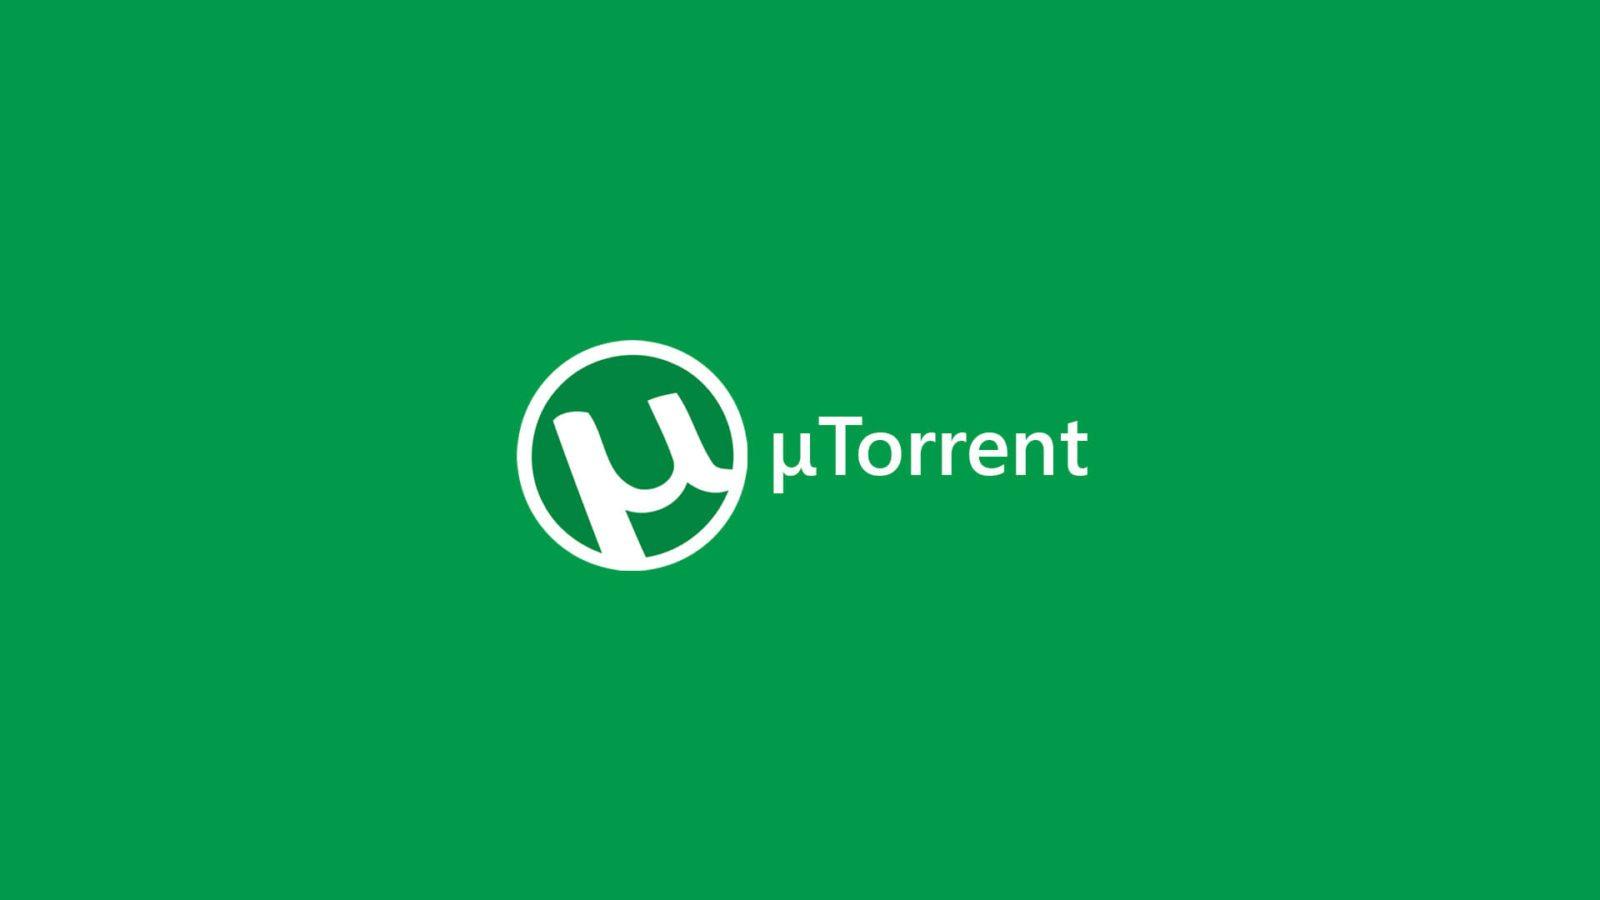 Bilgisayarında uTorrent programı olanlar dikkat! 1